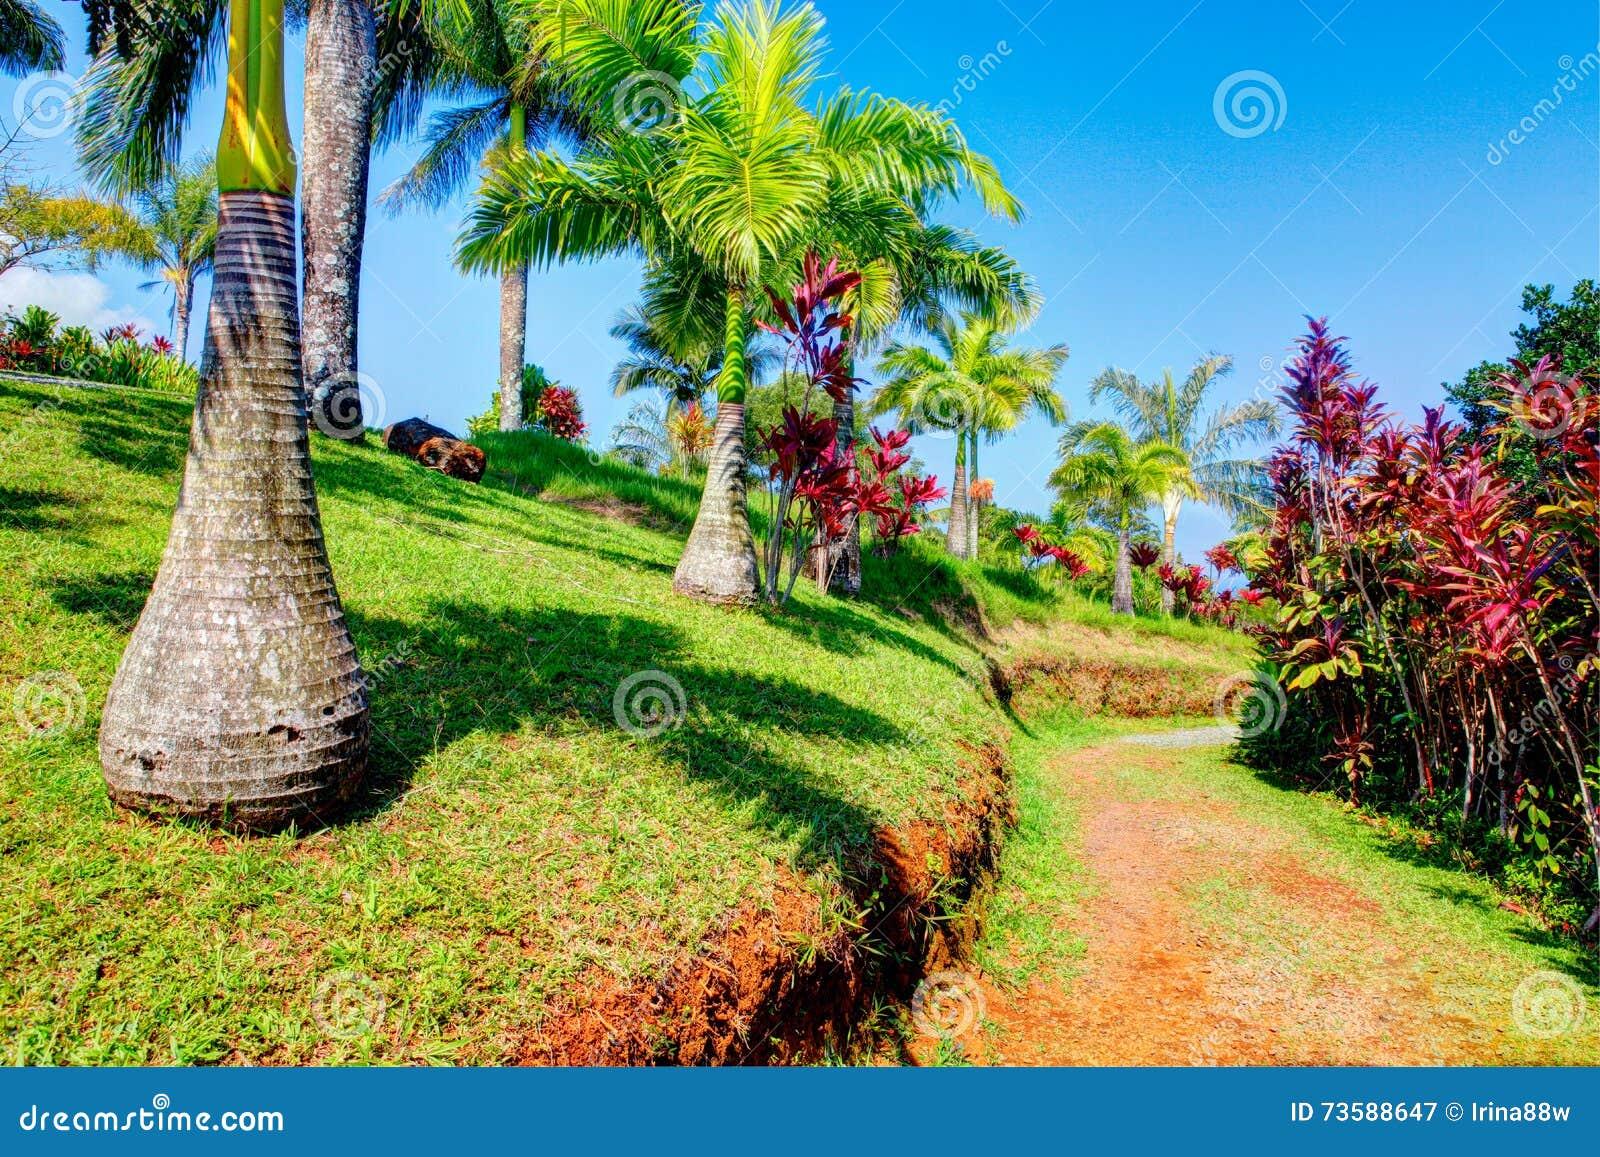 Palms In Tropical Garden Garden Of Eden Maui Hawaii